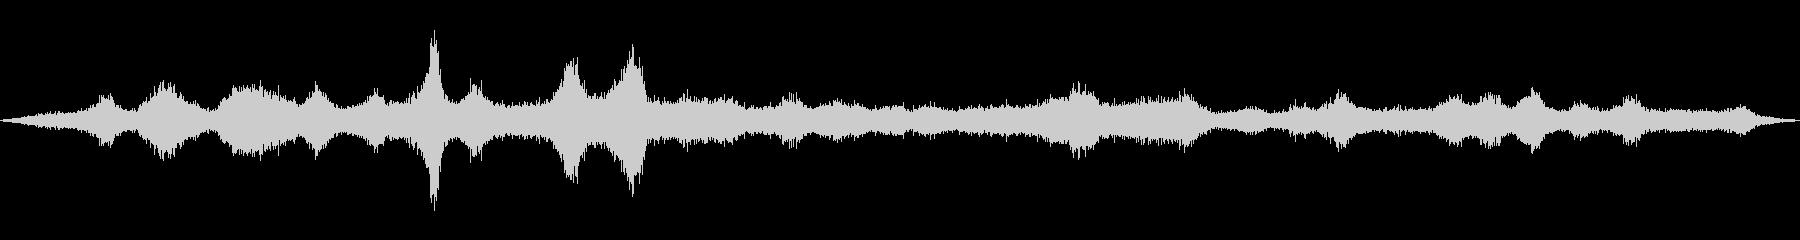 道路の音(環境音)02の未再生の波形